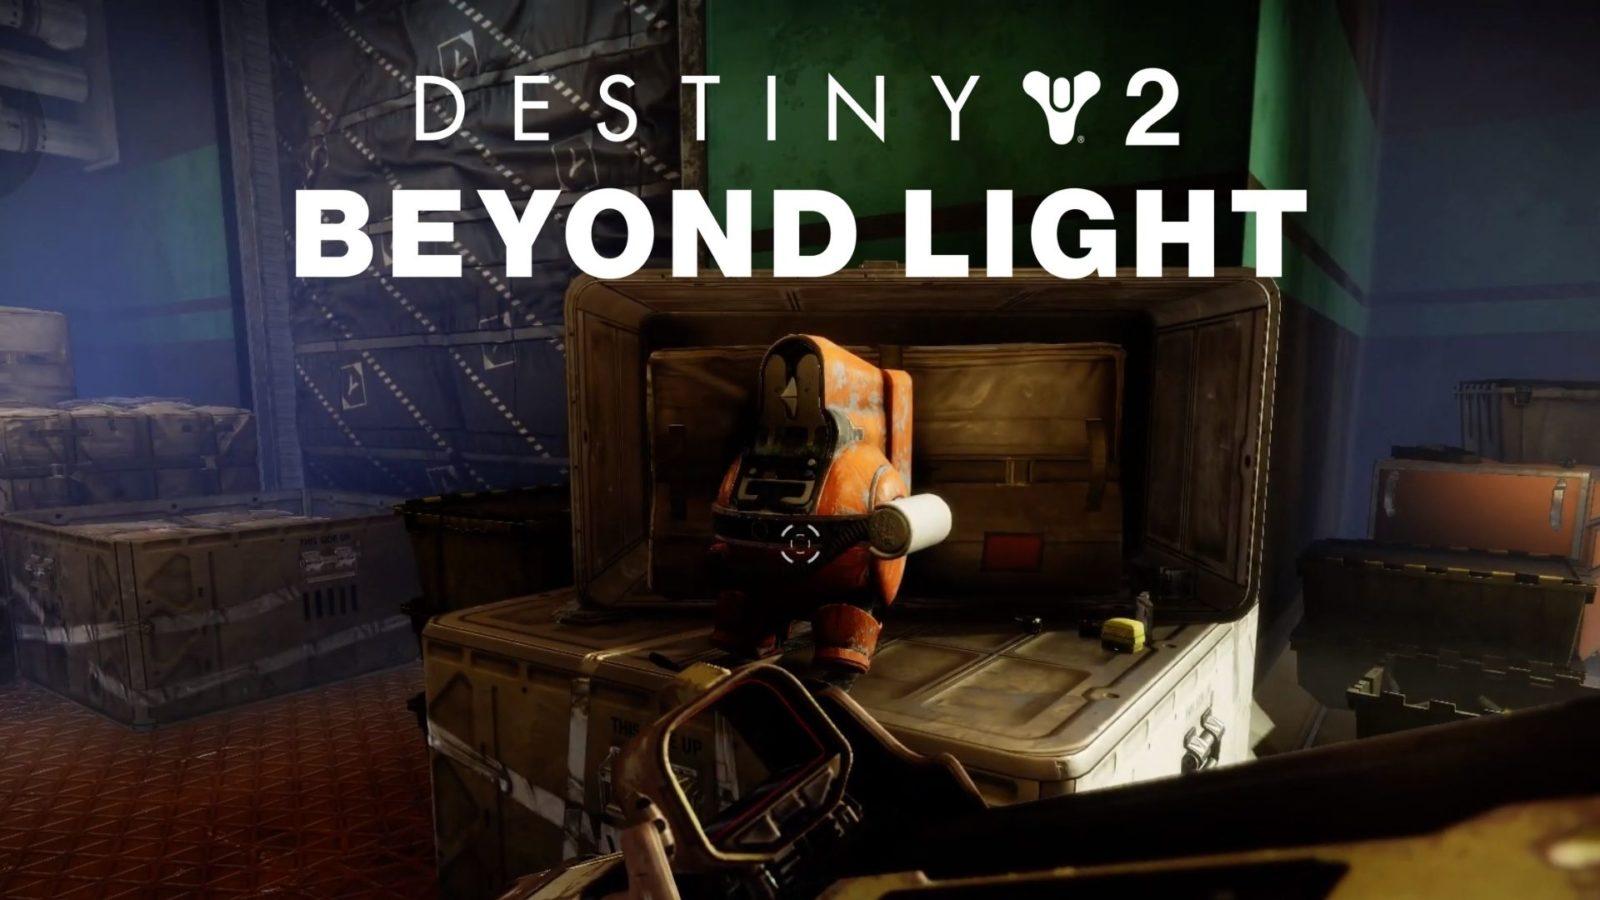 penguin in Destiny 2 beyond light